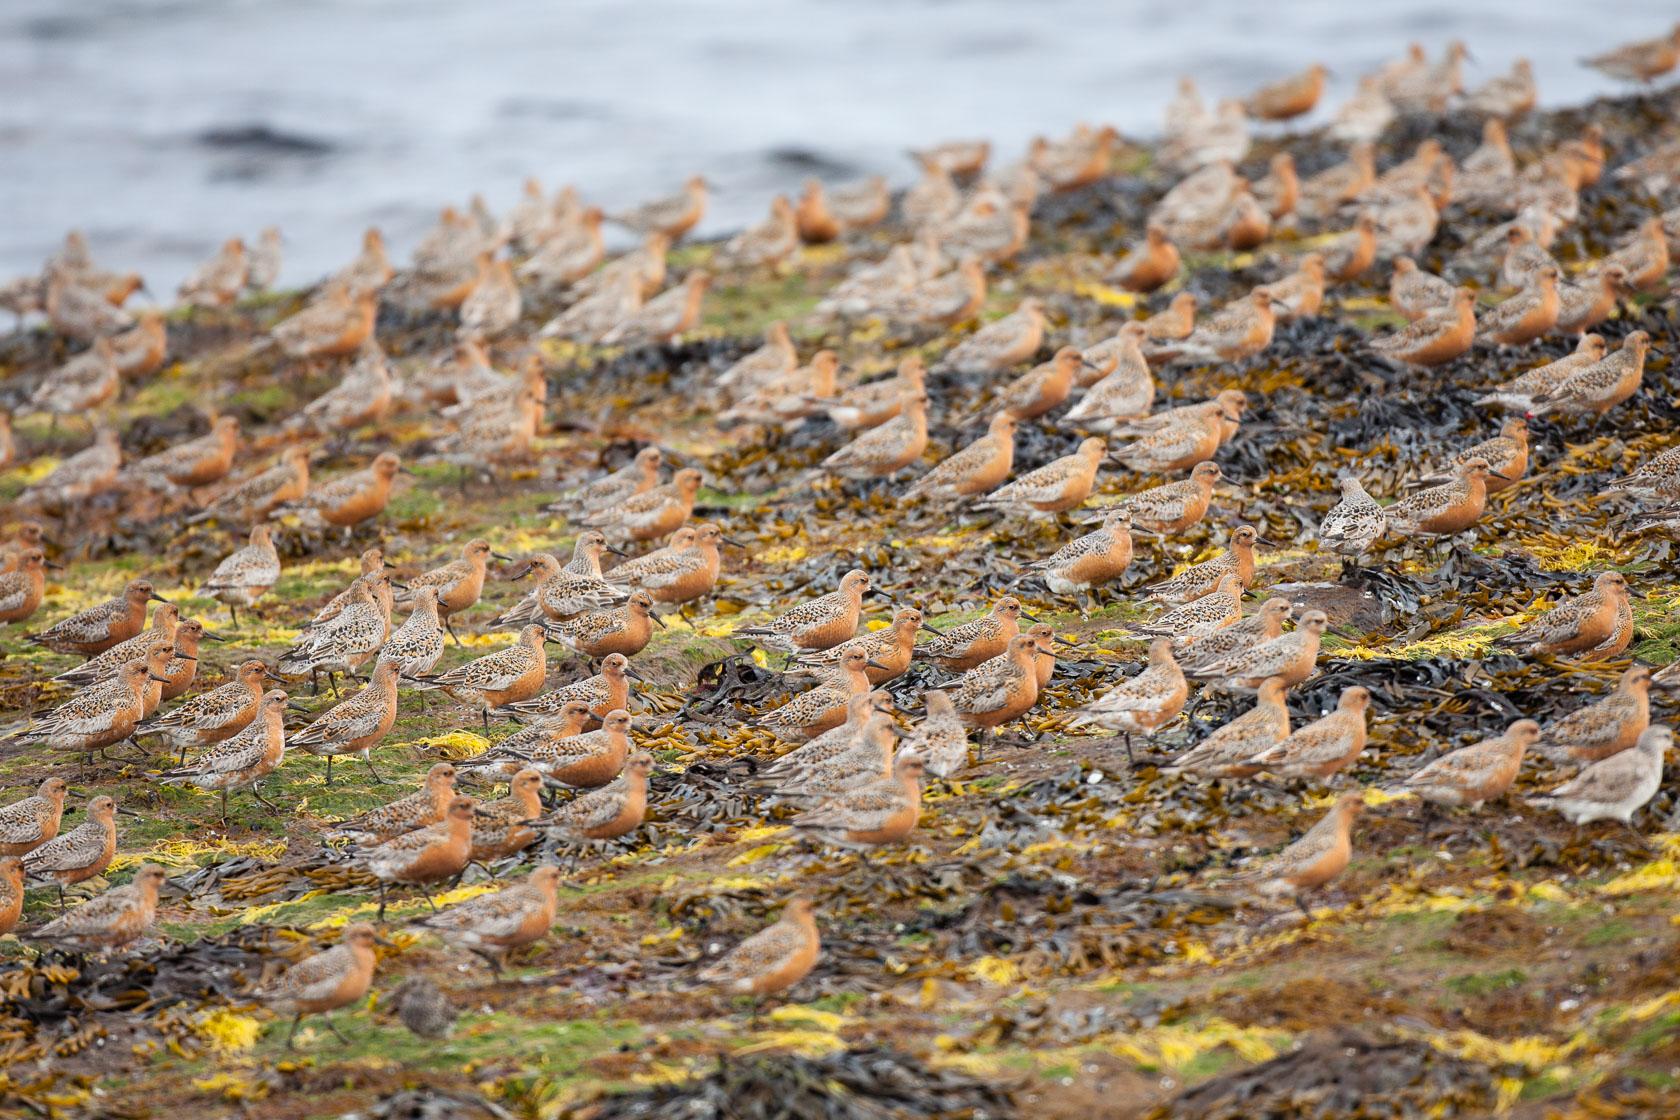 groupe de bécasseaux maubèches (Calidris canuts) sur le littoral du Varanger, en Norvège